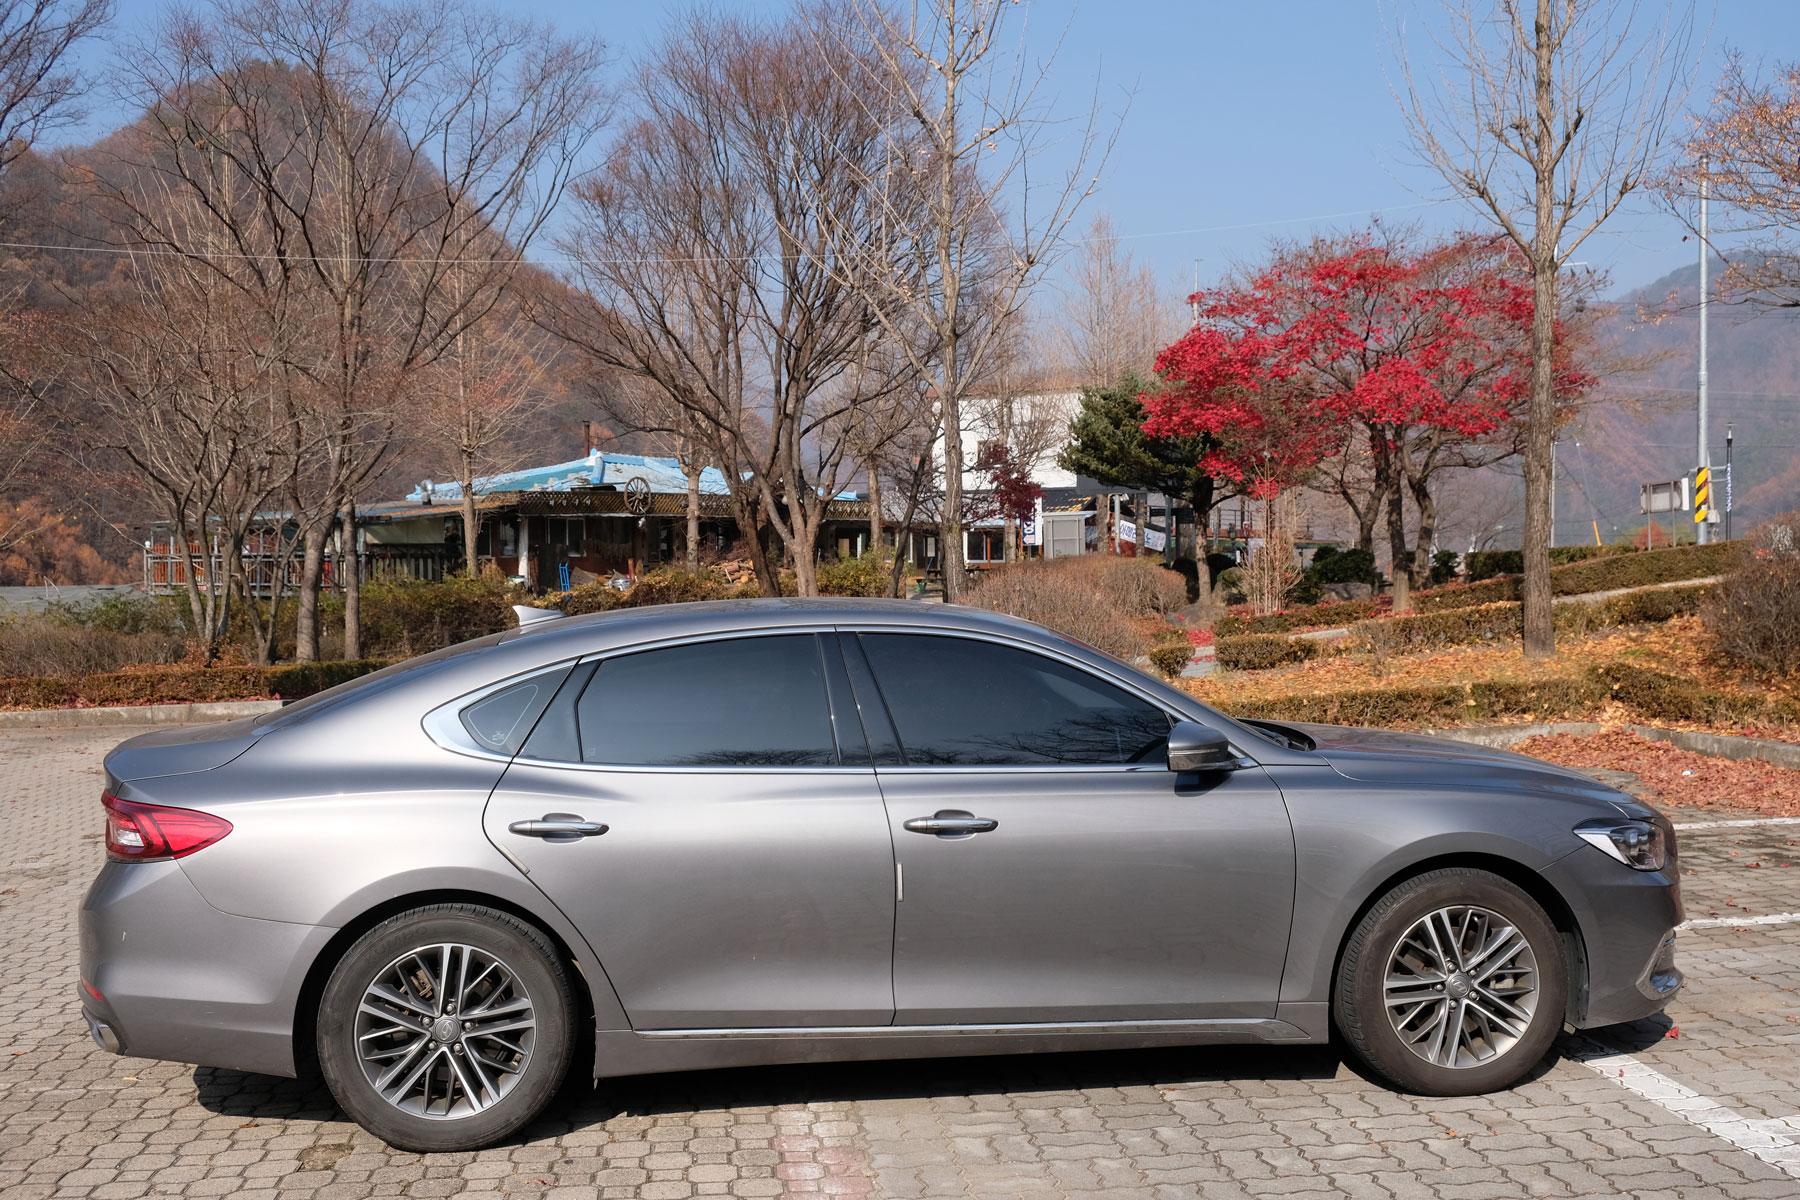 Unser Mietwagen in Südkorea ist neu und riesengroß.